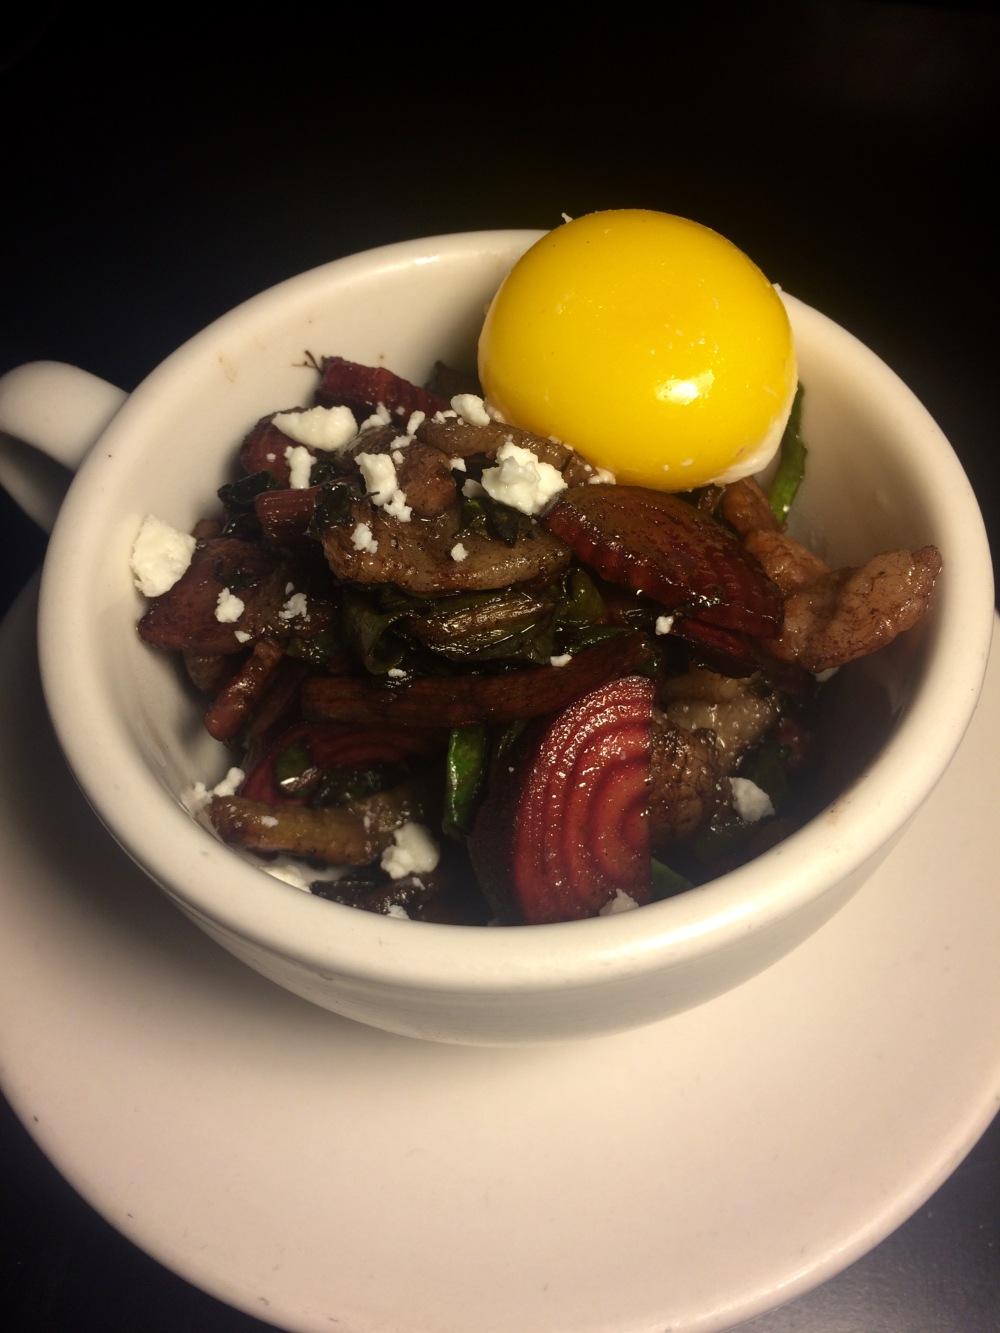 FullSizeRender egg salad